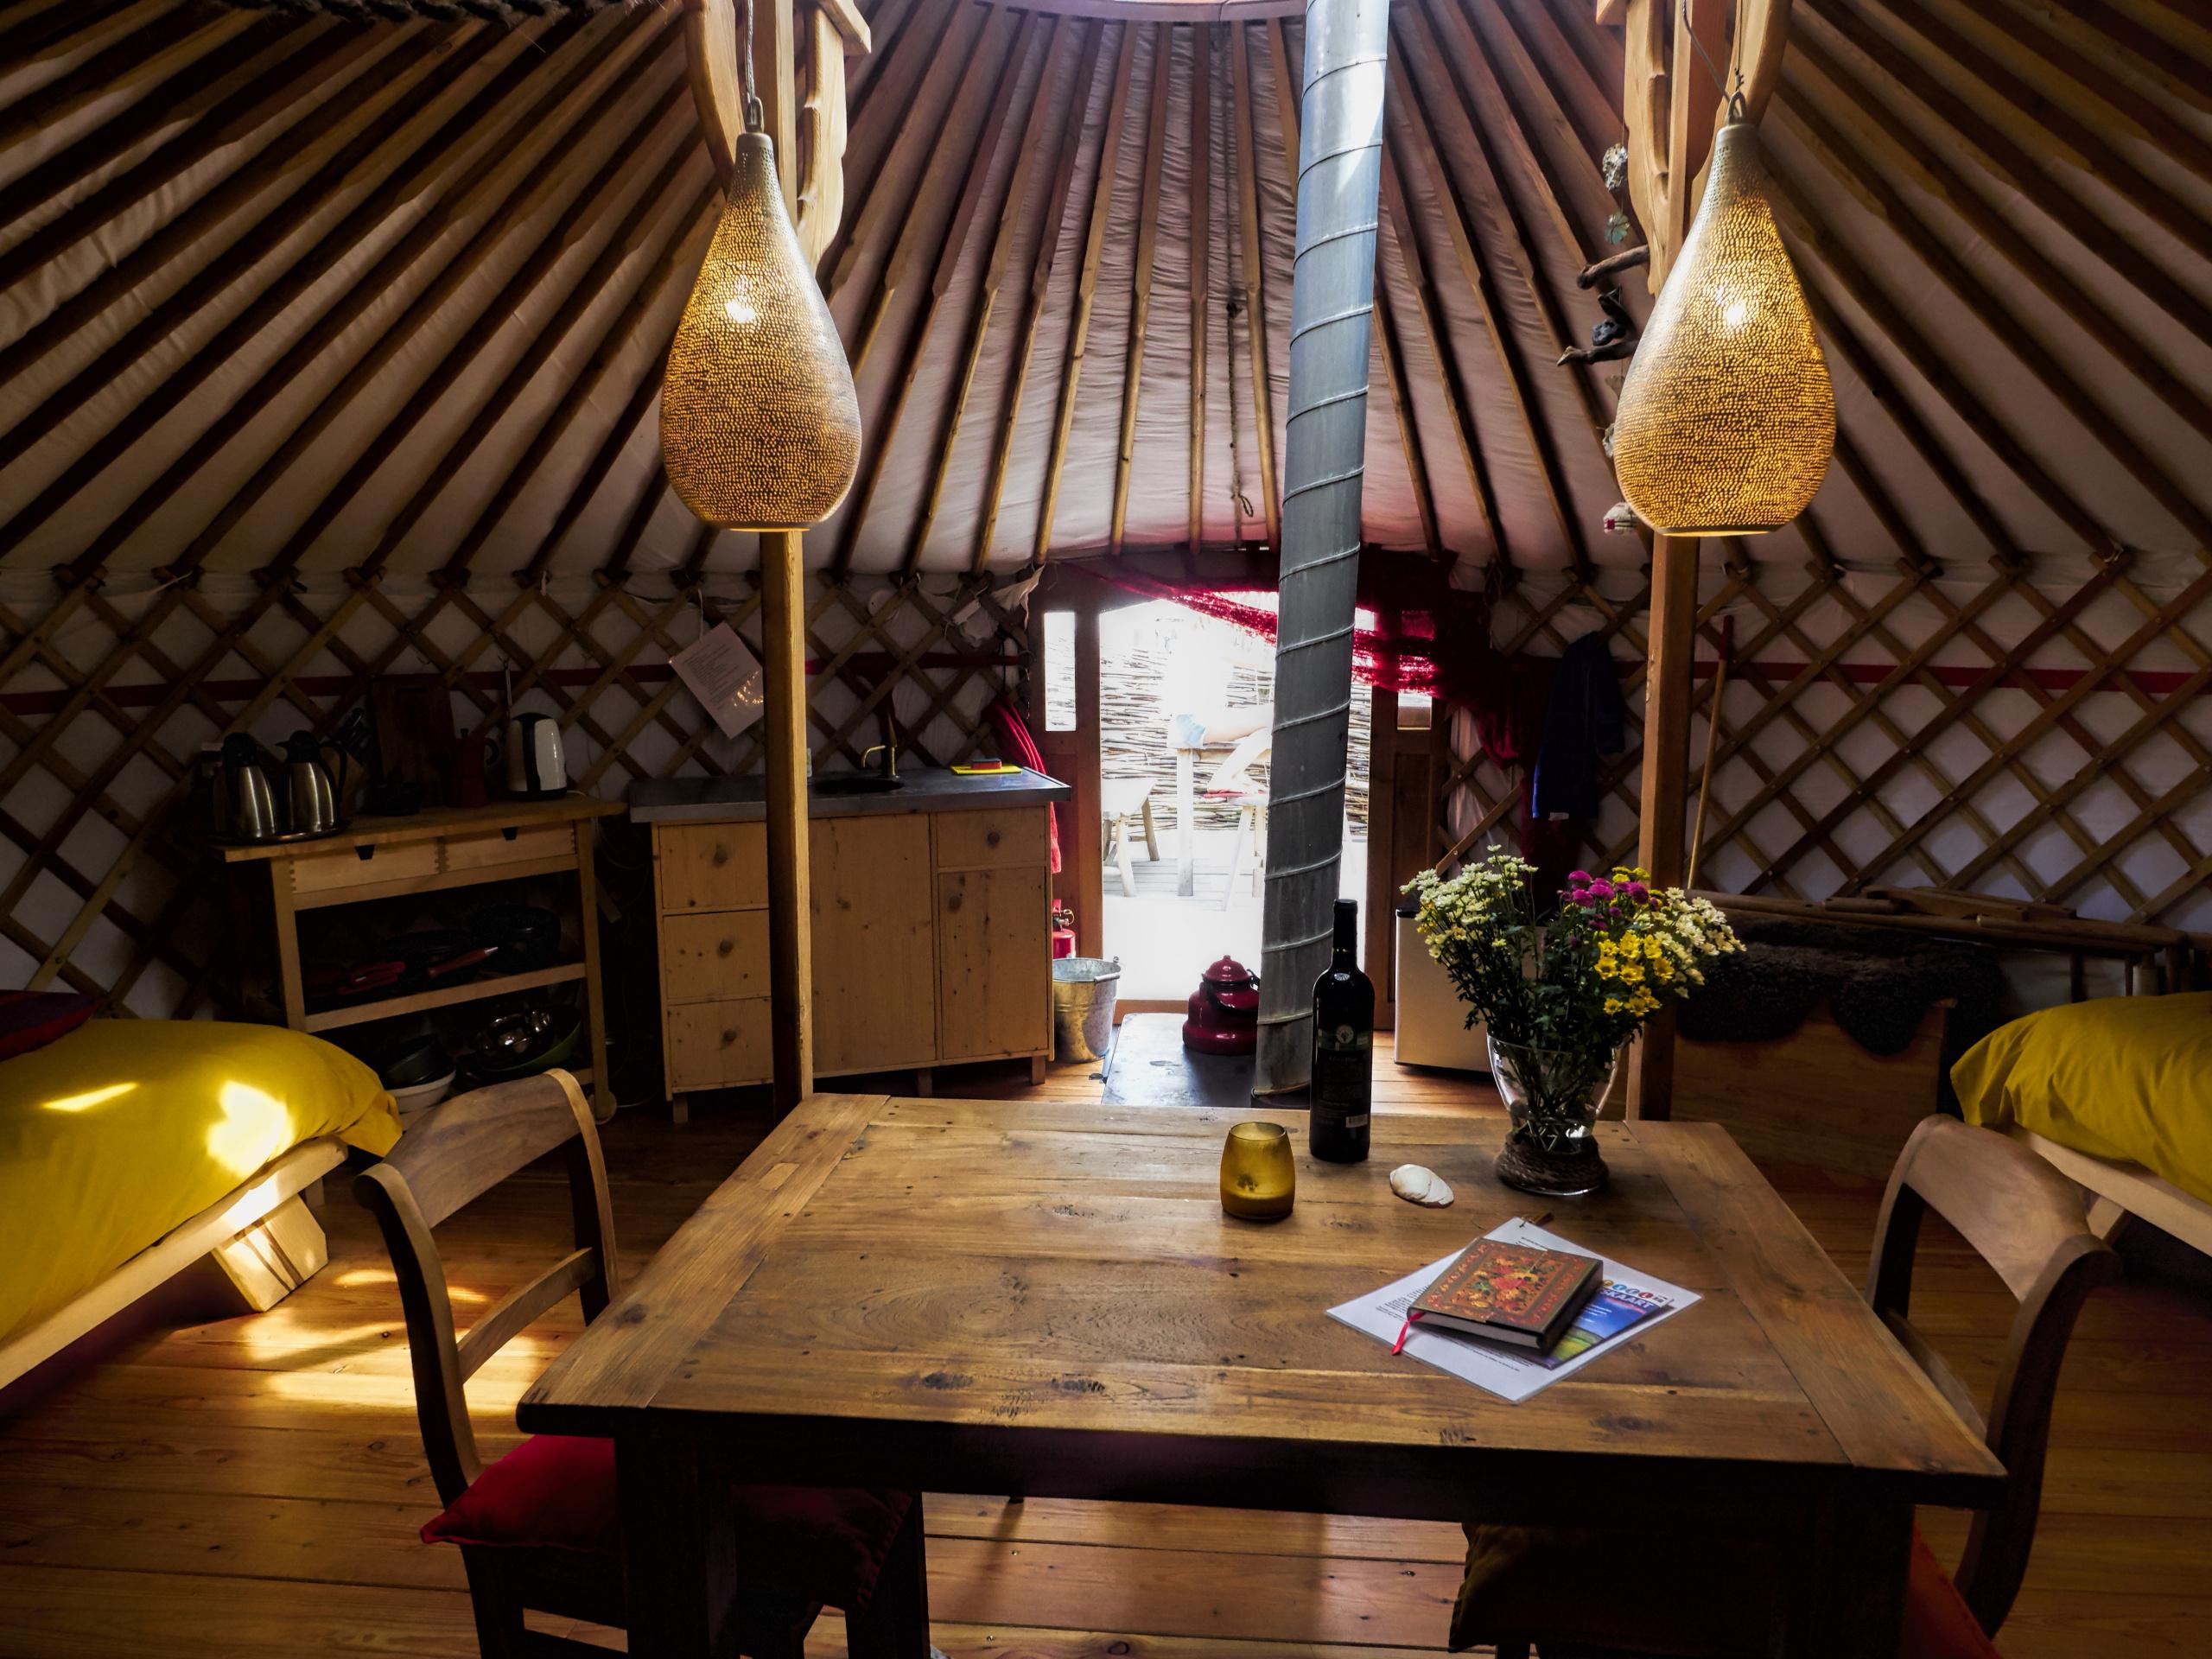 Luxuriöses gemütliches Yurt Nomadenwohnzelt in den Dünen bei Den Hoorn